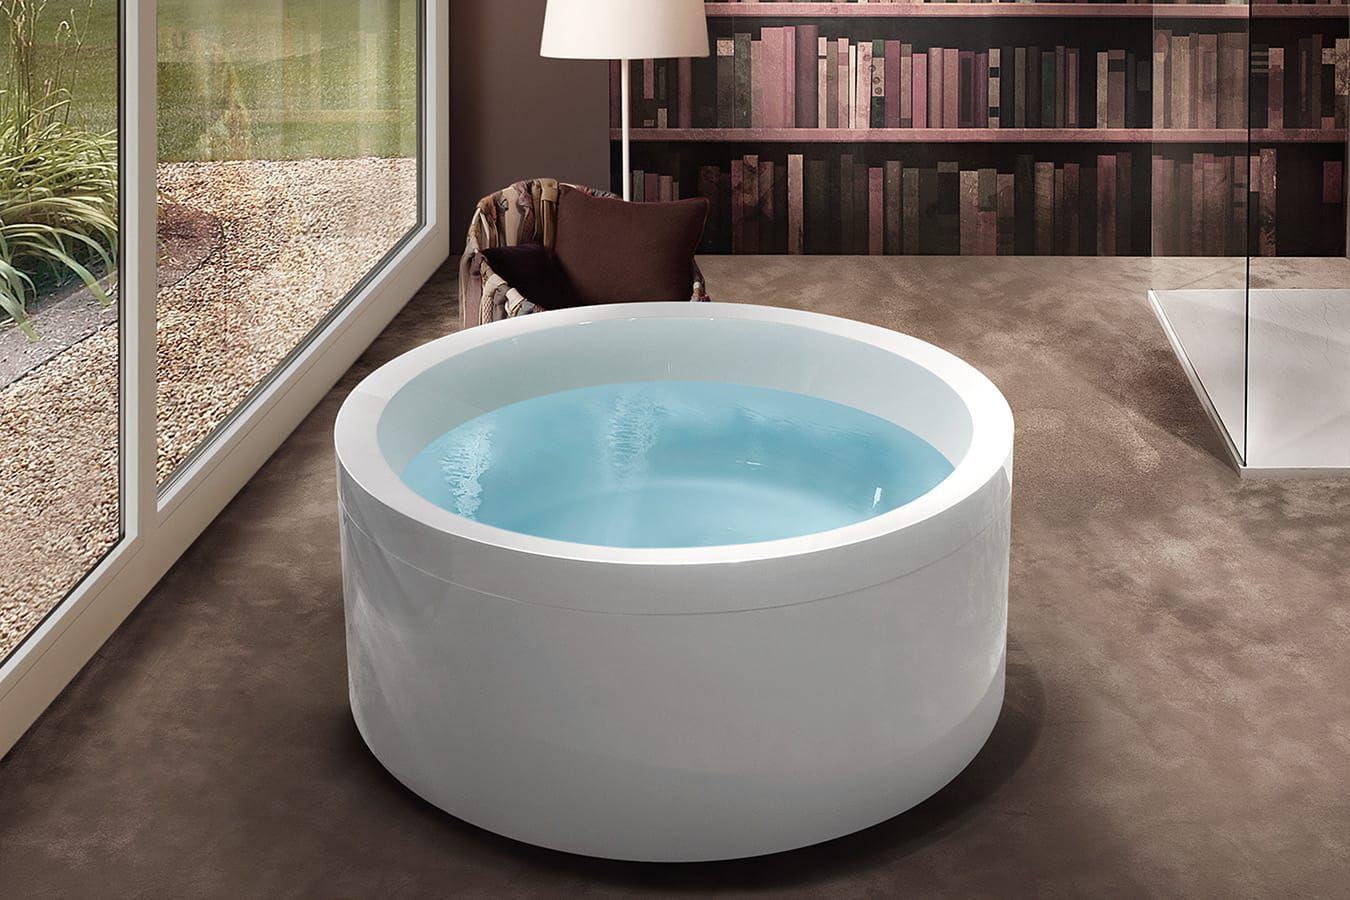 Vasca Da Bagno Rotonda Prezzi : Vasca da bagno da appoggio tonda in acrilico idromassaggio